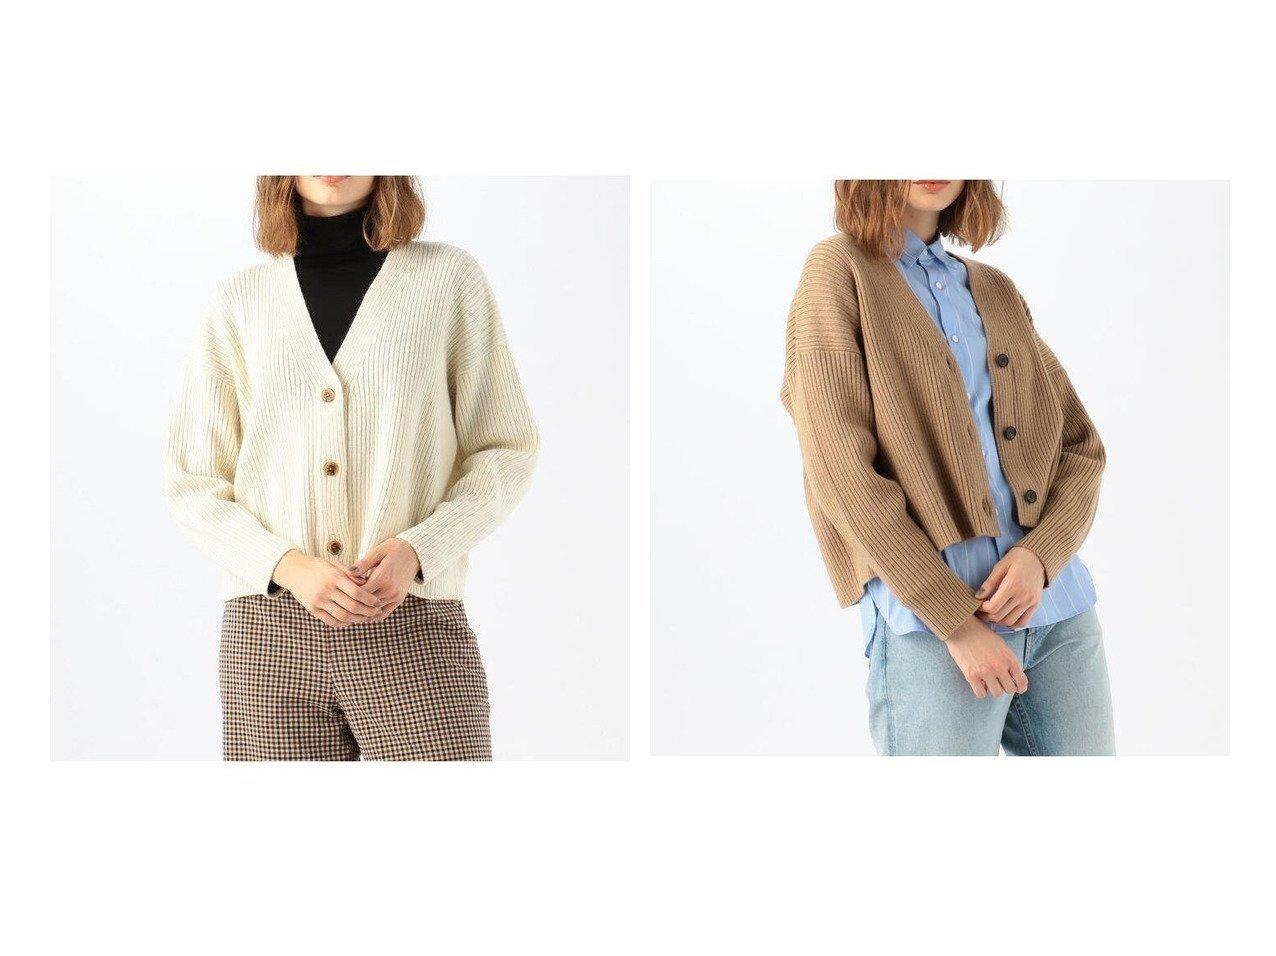 【TOMORROWLAND MACPHEE/トゥモローランド マカフィー】のウールリブ Vネックカーディガン トップス・カットソーのおすすめ!人気!プチプライスで上品なファッションアイテムの通販 おすすめで人気の流行・トレンド、ファッションの通販商品 メンズファッション・キッズファッション・インテリア・家具・レディースファッション・服の通販 founy(ファニー) https://founy.com/ ファッション Fashion レディースファッション WOMEN トップス カットソー Tops Tshirt カーディガン Cardigans Vネック V-Neck 2020年 2020 2020-2021 秋冬 A/W AW Autumn/Winter / FW Fall-Winter 2020-2021 A/W 秋冬 AW Autumn/Winter / FW Fall-Winter カーディガン スリーブ バランス フィット ベーシック |ID:crp329100000022812